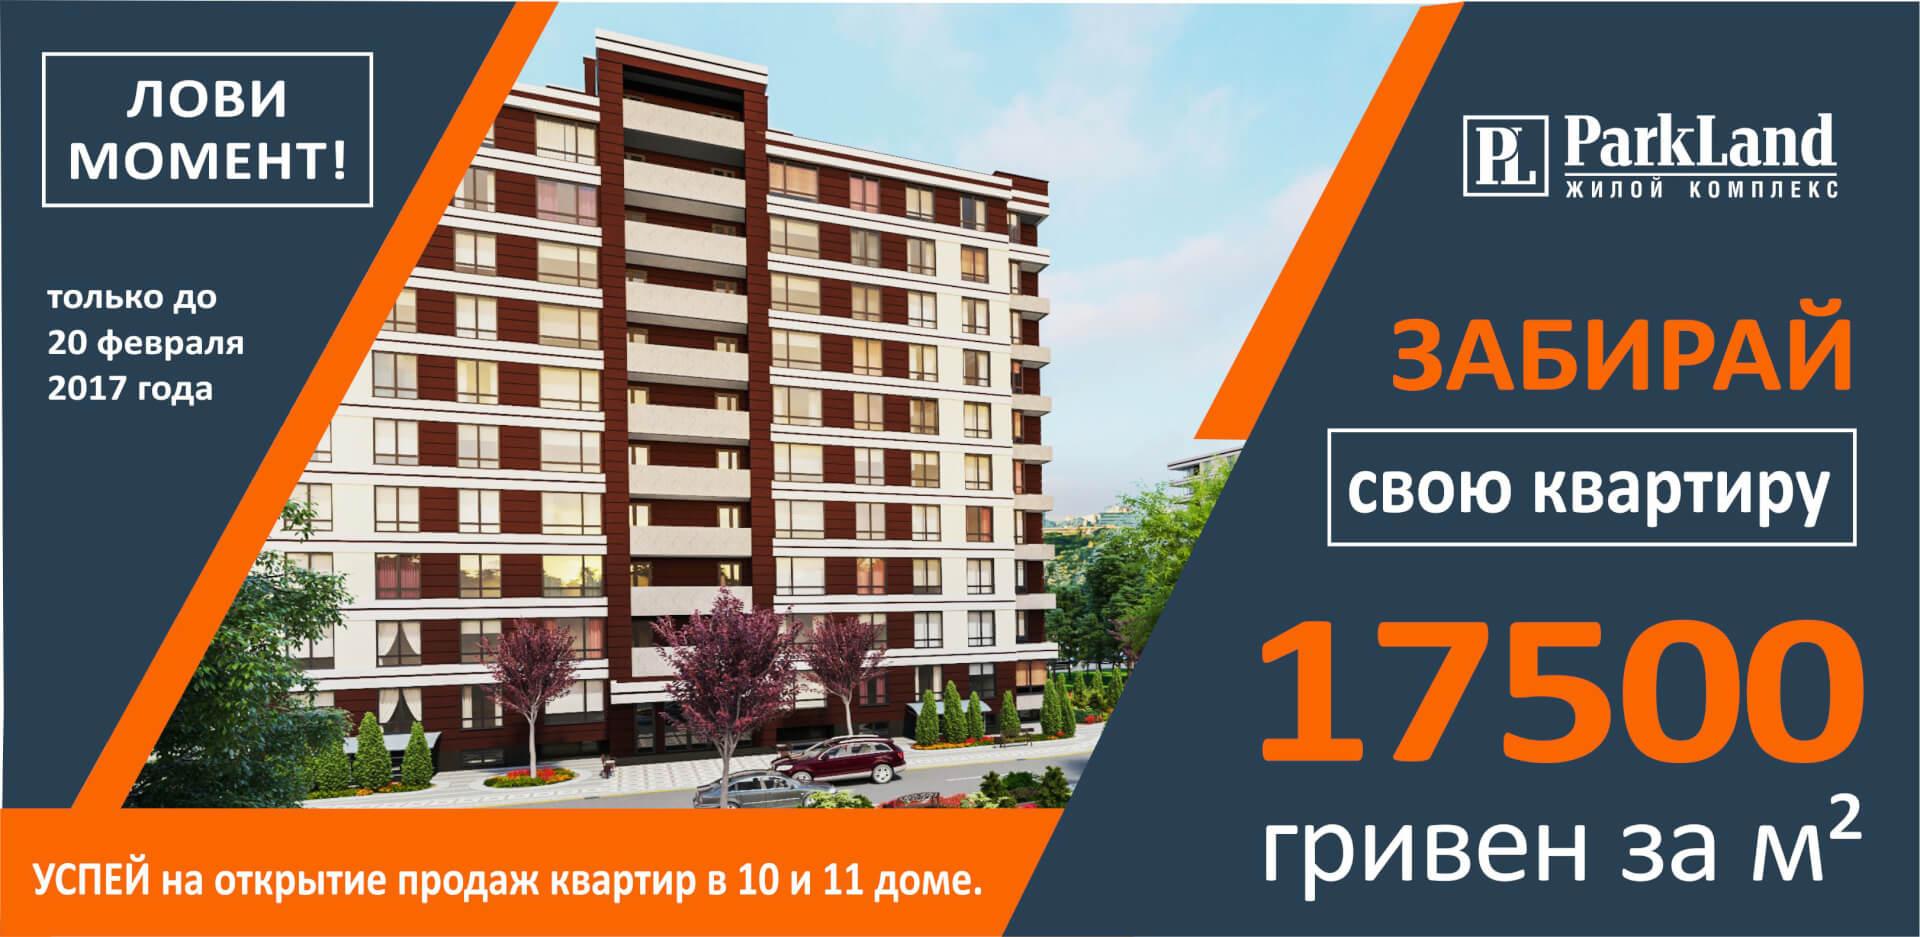 2news-dom10-11-ru